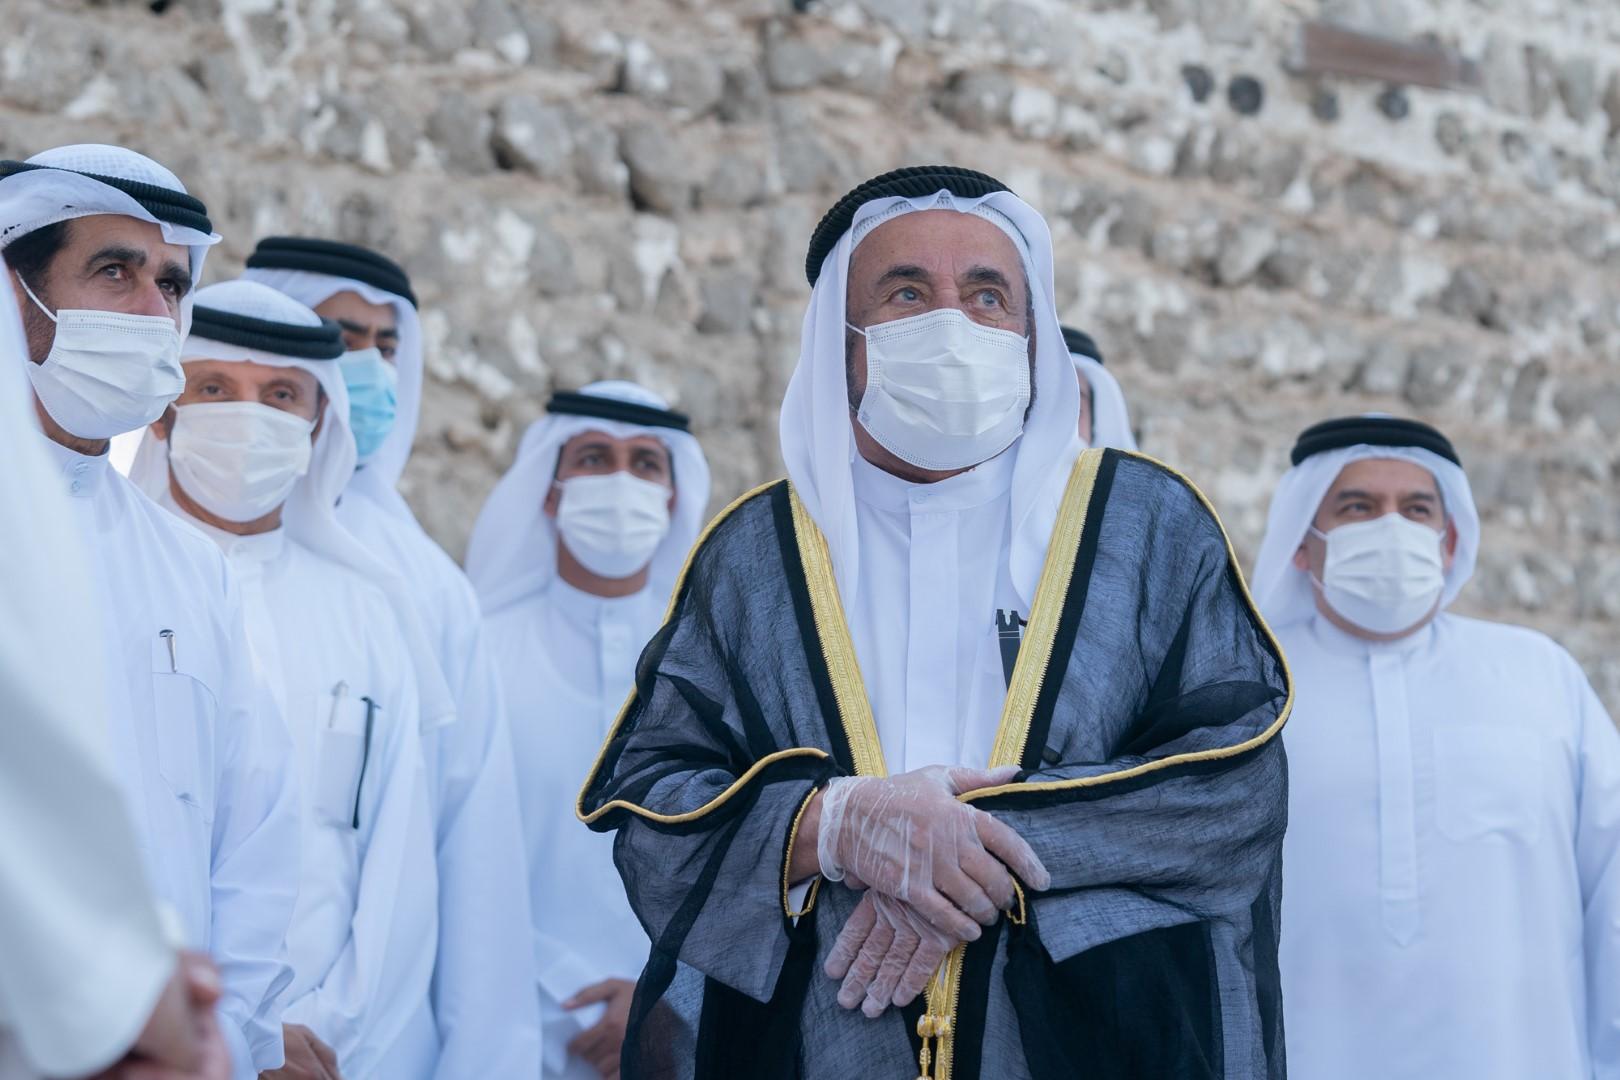 حاكم الشارقة يدشن المرحلة الأولى من مشروع ترميم بيت الشيخ سعيد بن حمد القاسمي في كلباء